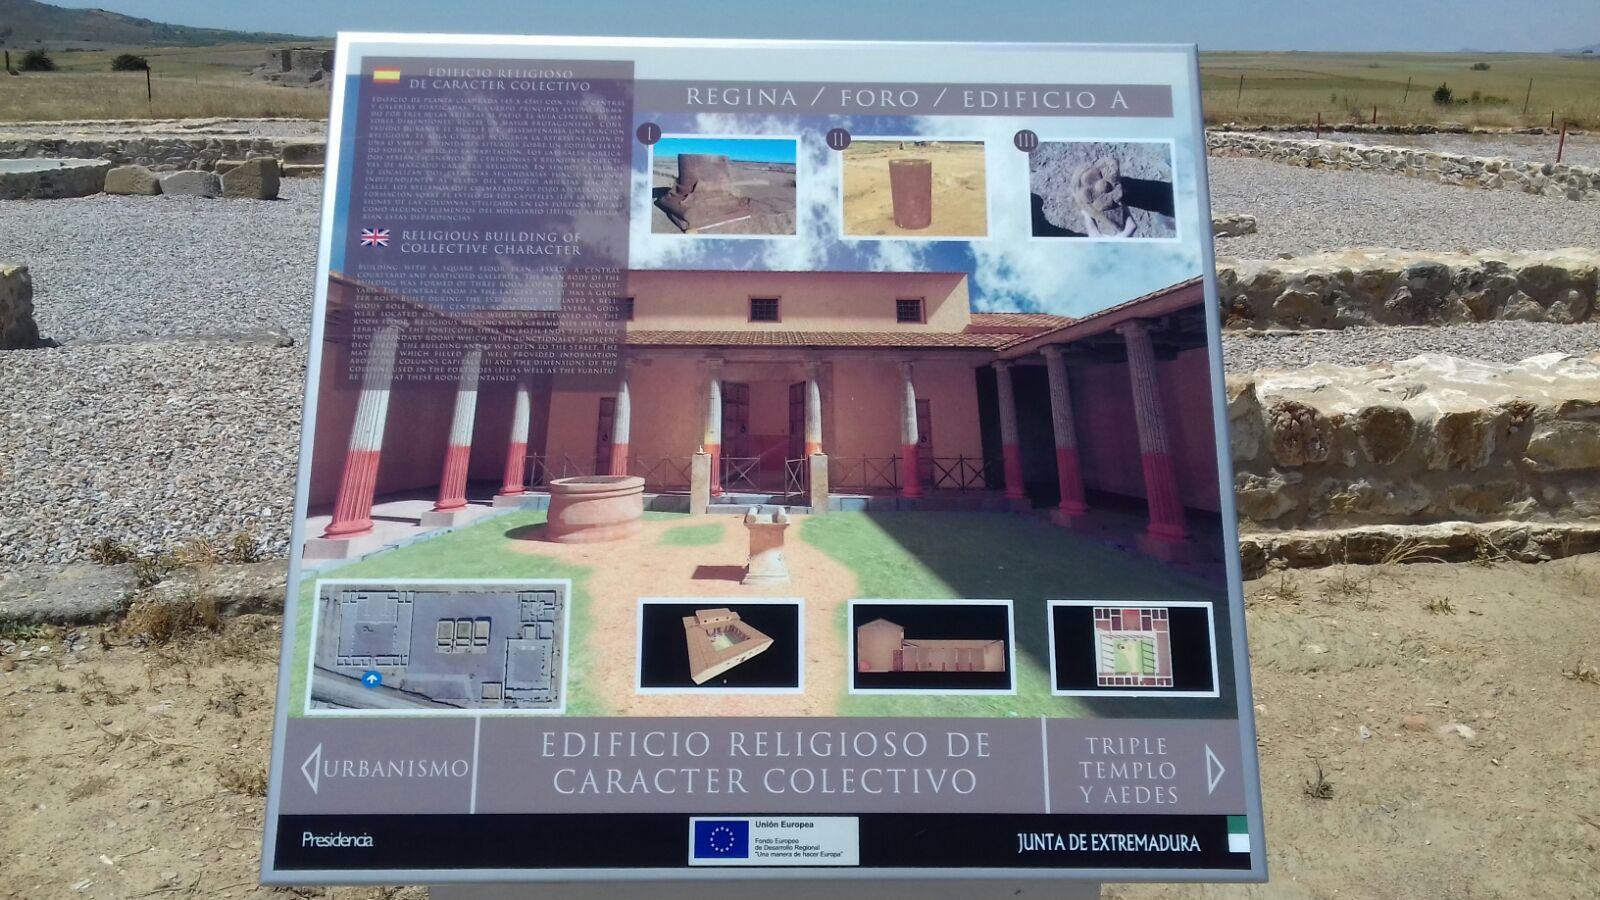 air drone view fotogrametria levantamientos topograficos arqueologia drones badajoz extremadura caceres rpas operadores  (14)